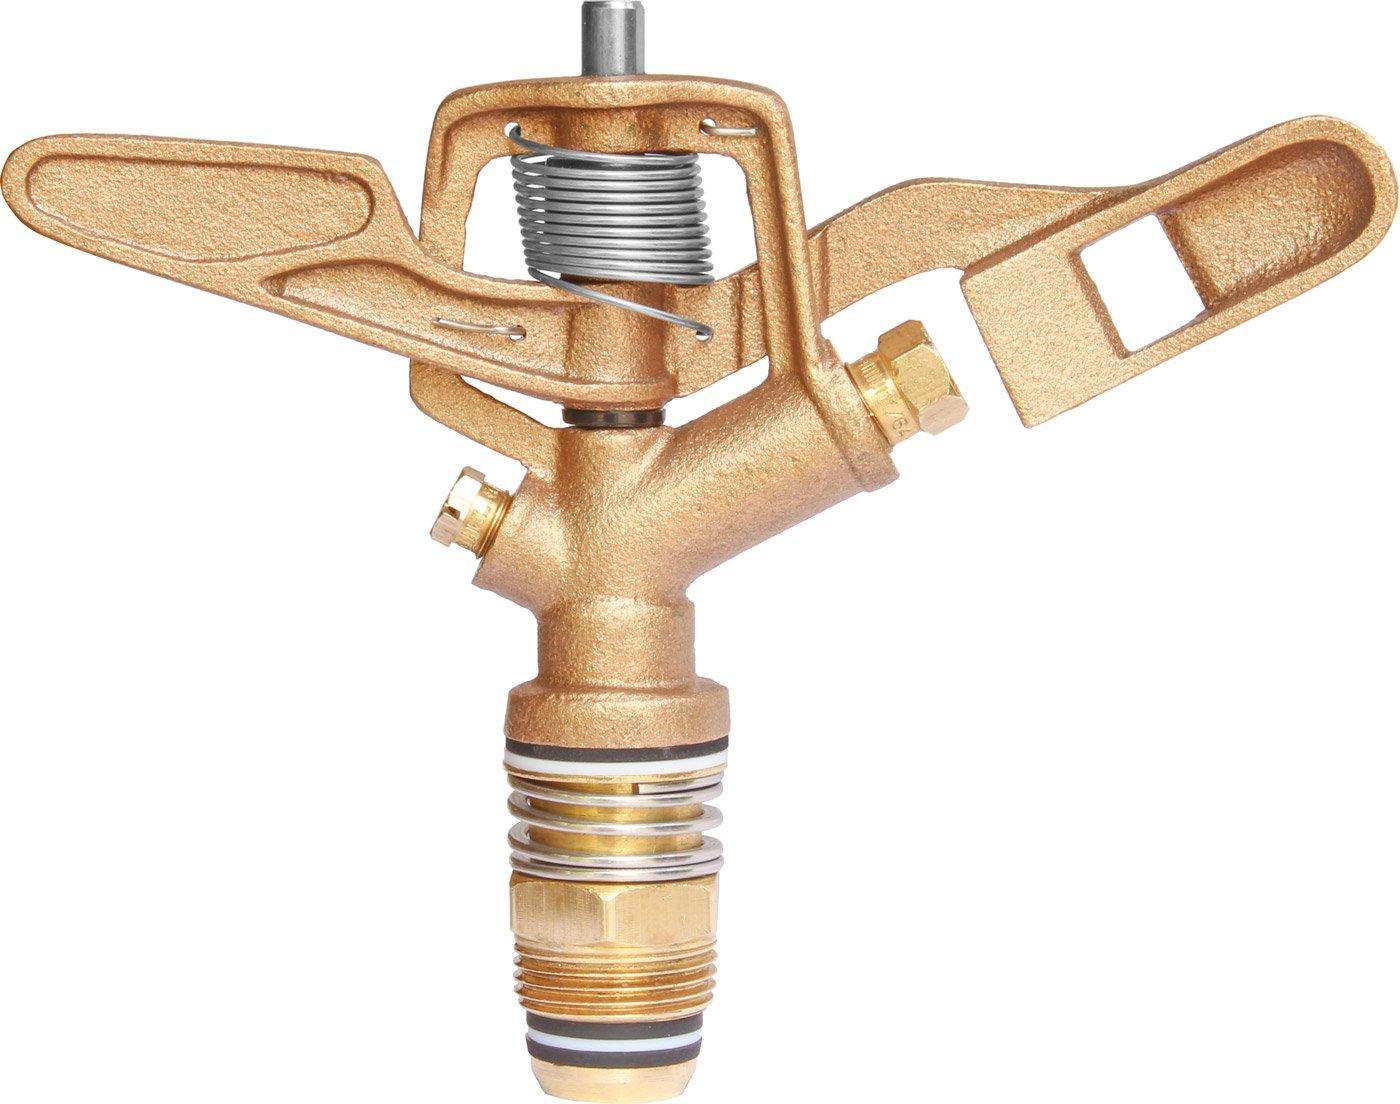 IrrigationKing RK-30HD 3/4'' Heavy Duty Brass Sprinkler 27° - 11/64'' x 1/8'', Metal